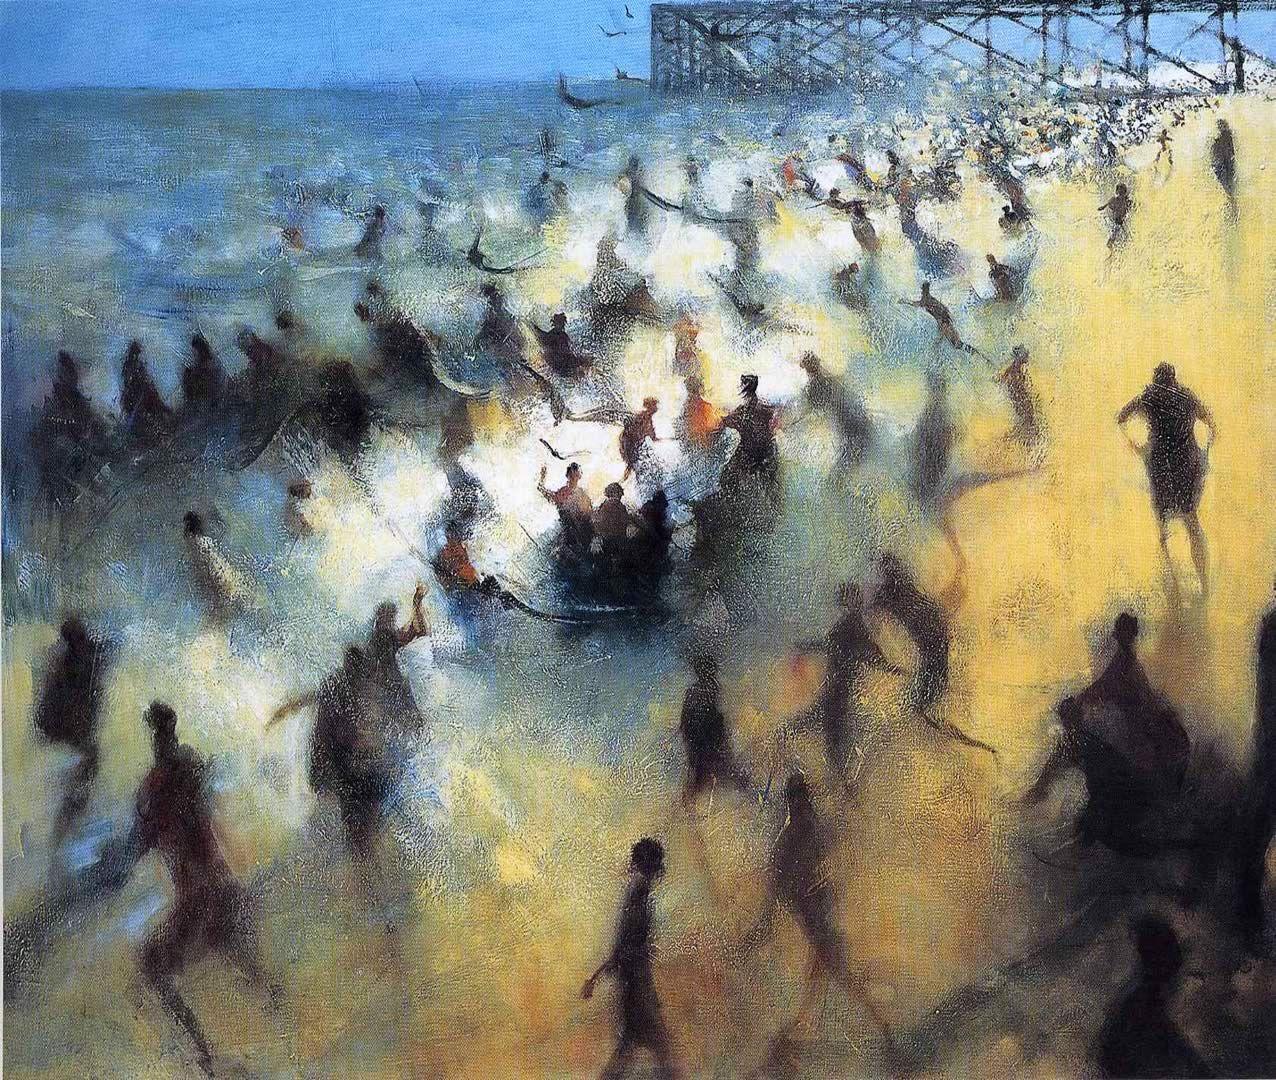 Bill Jacklin Painting Ideas